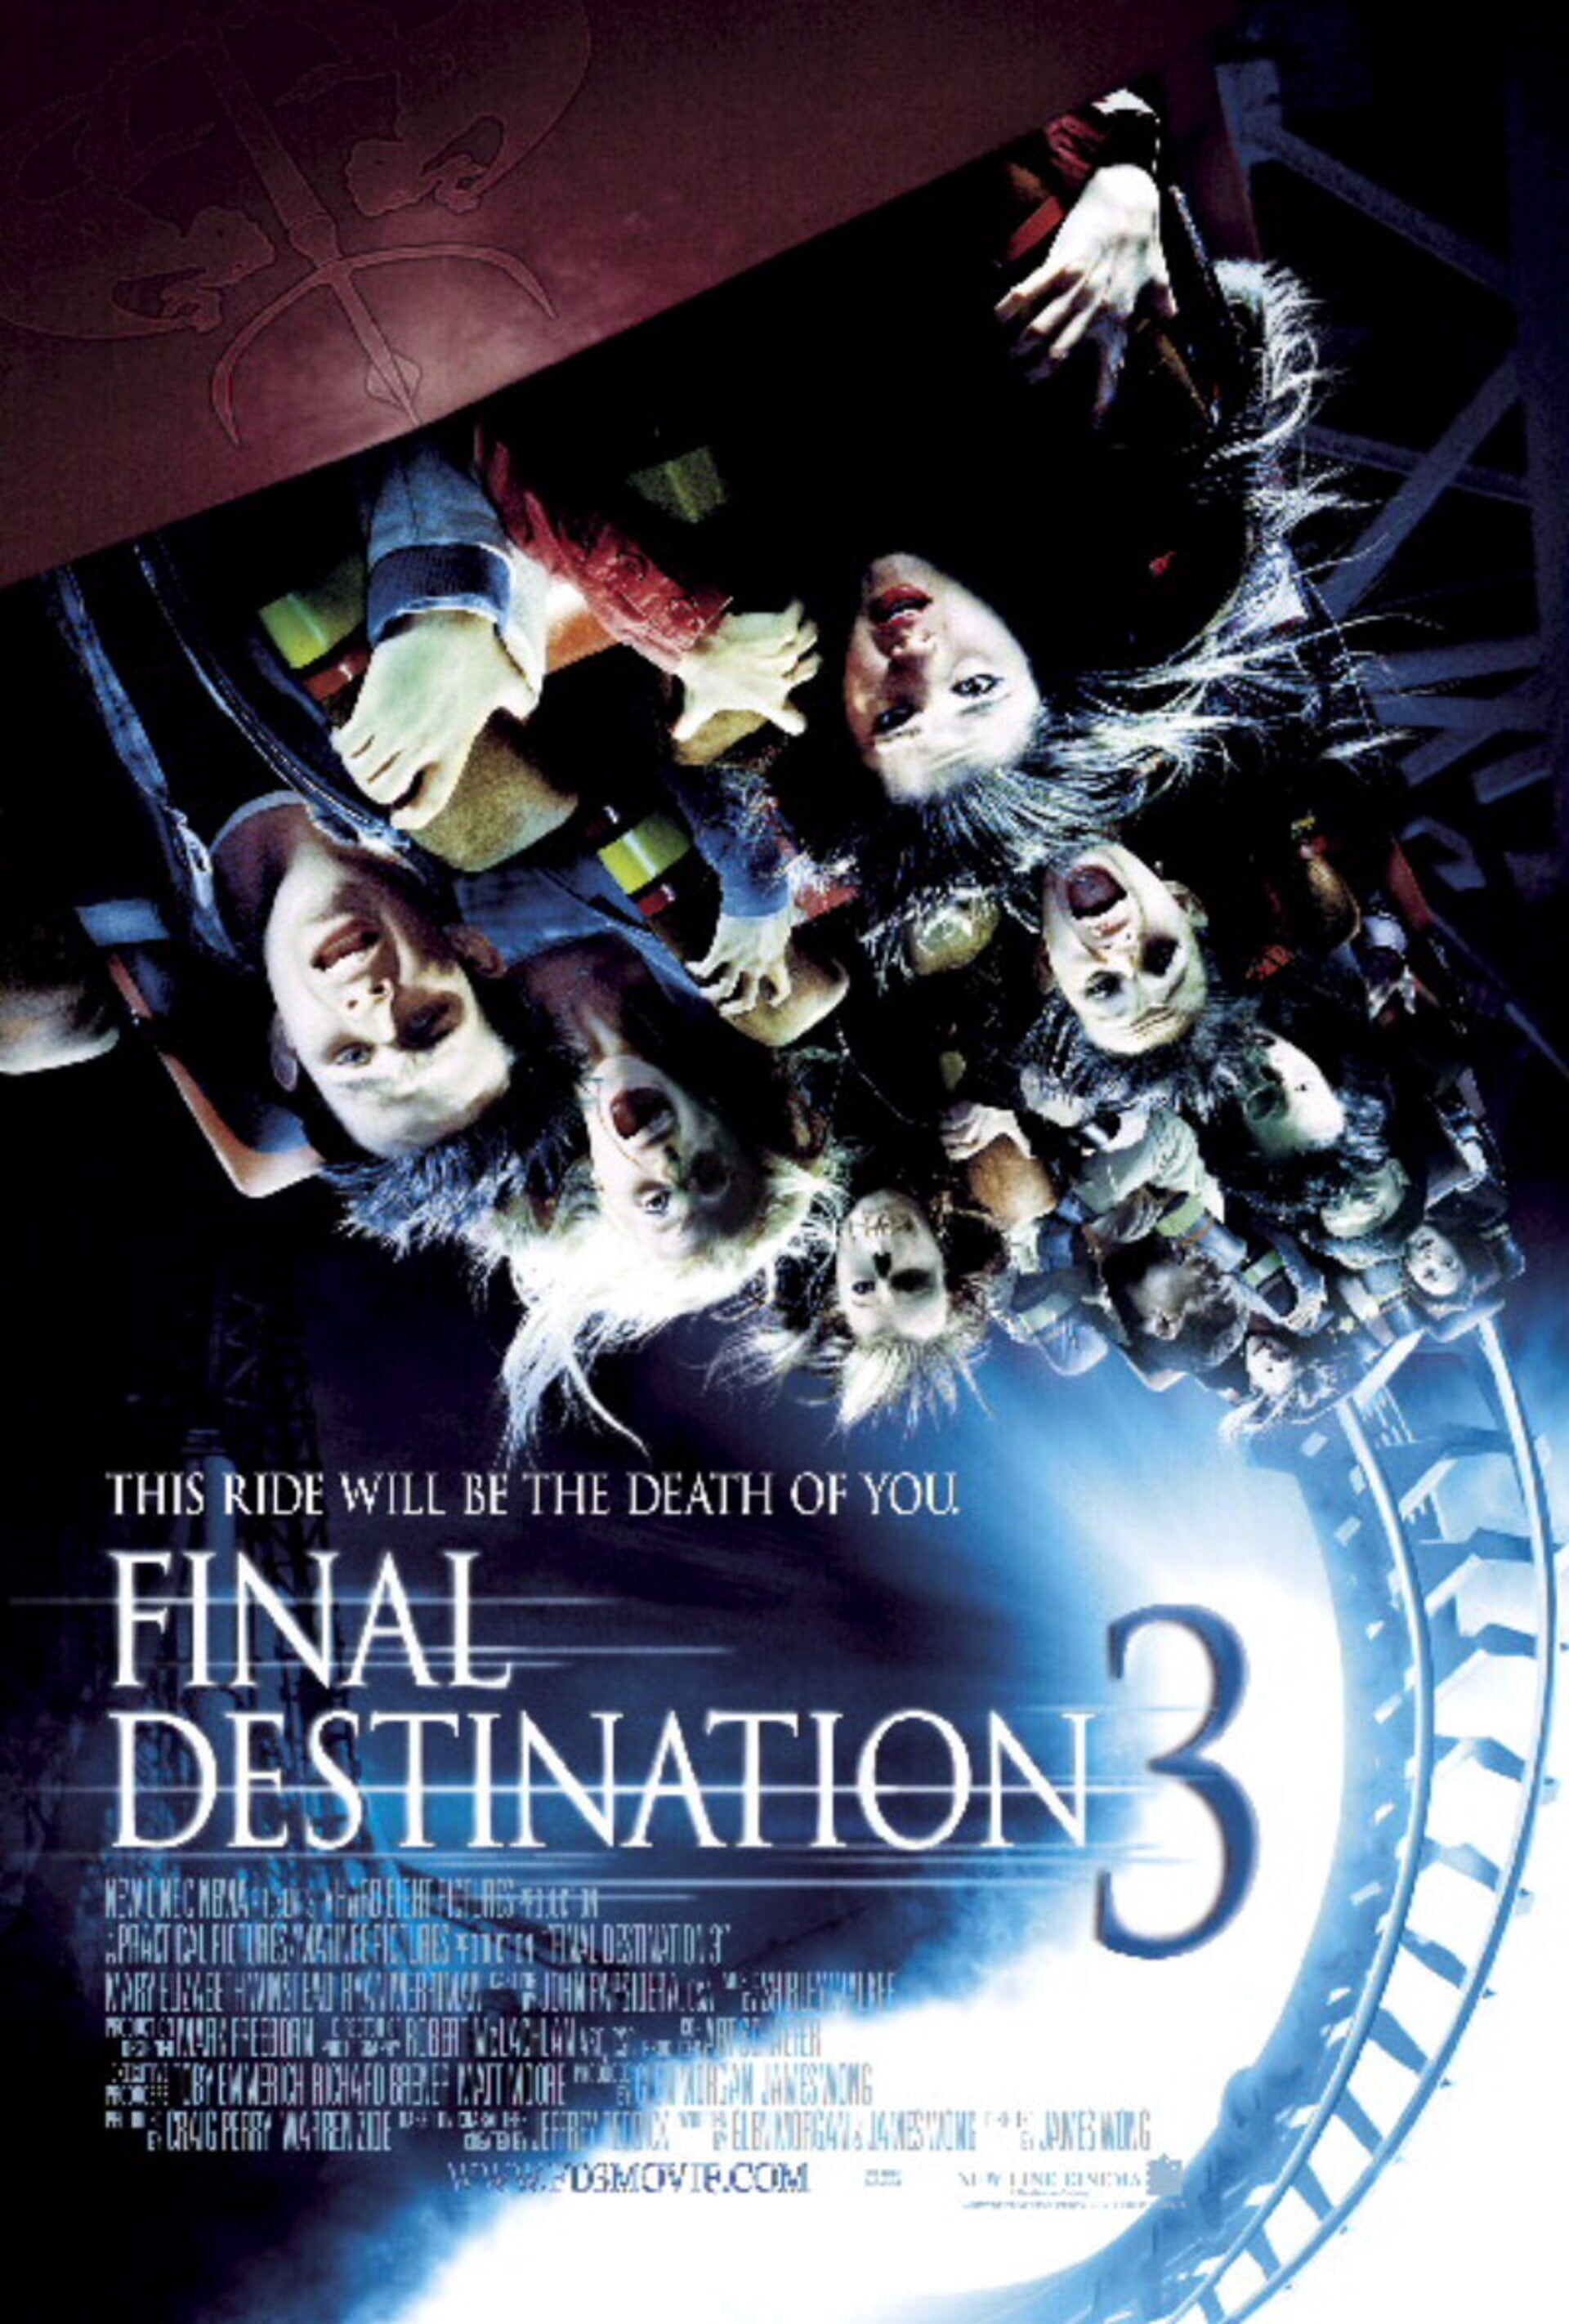 Final Destination 3 - Poster 1